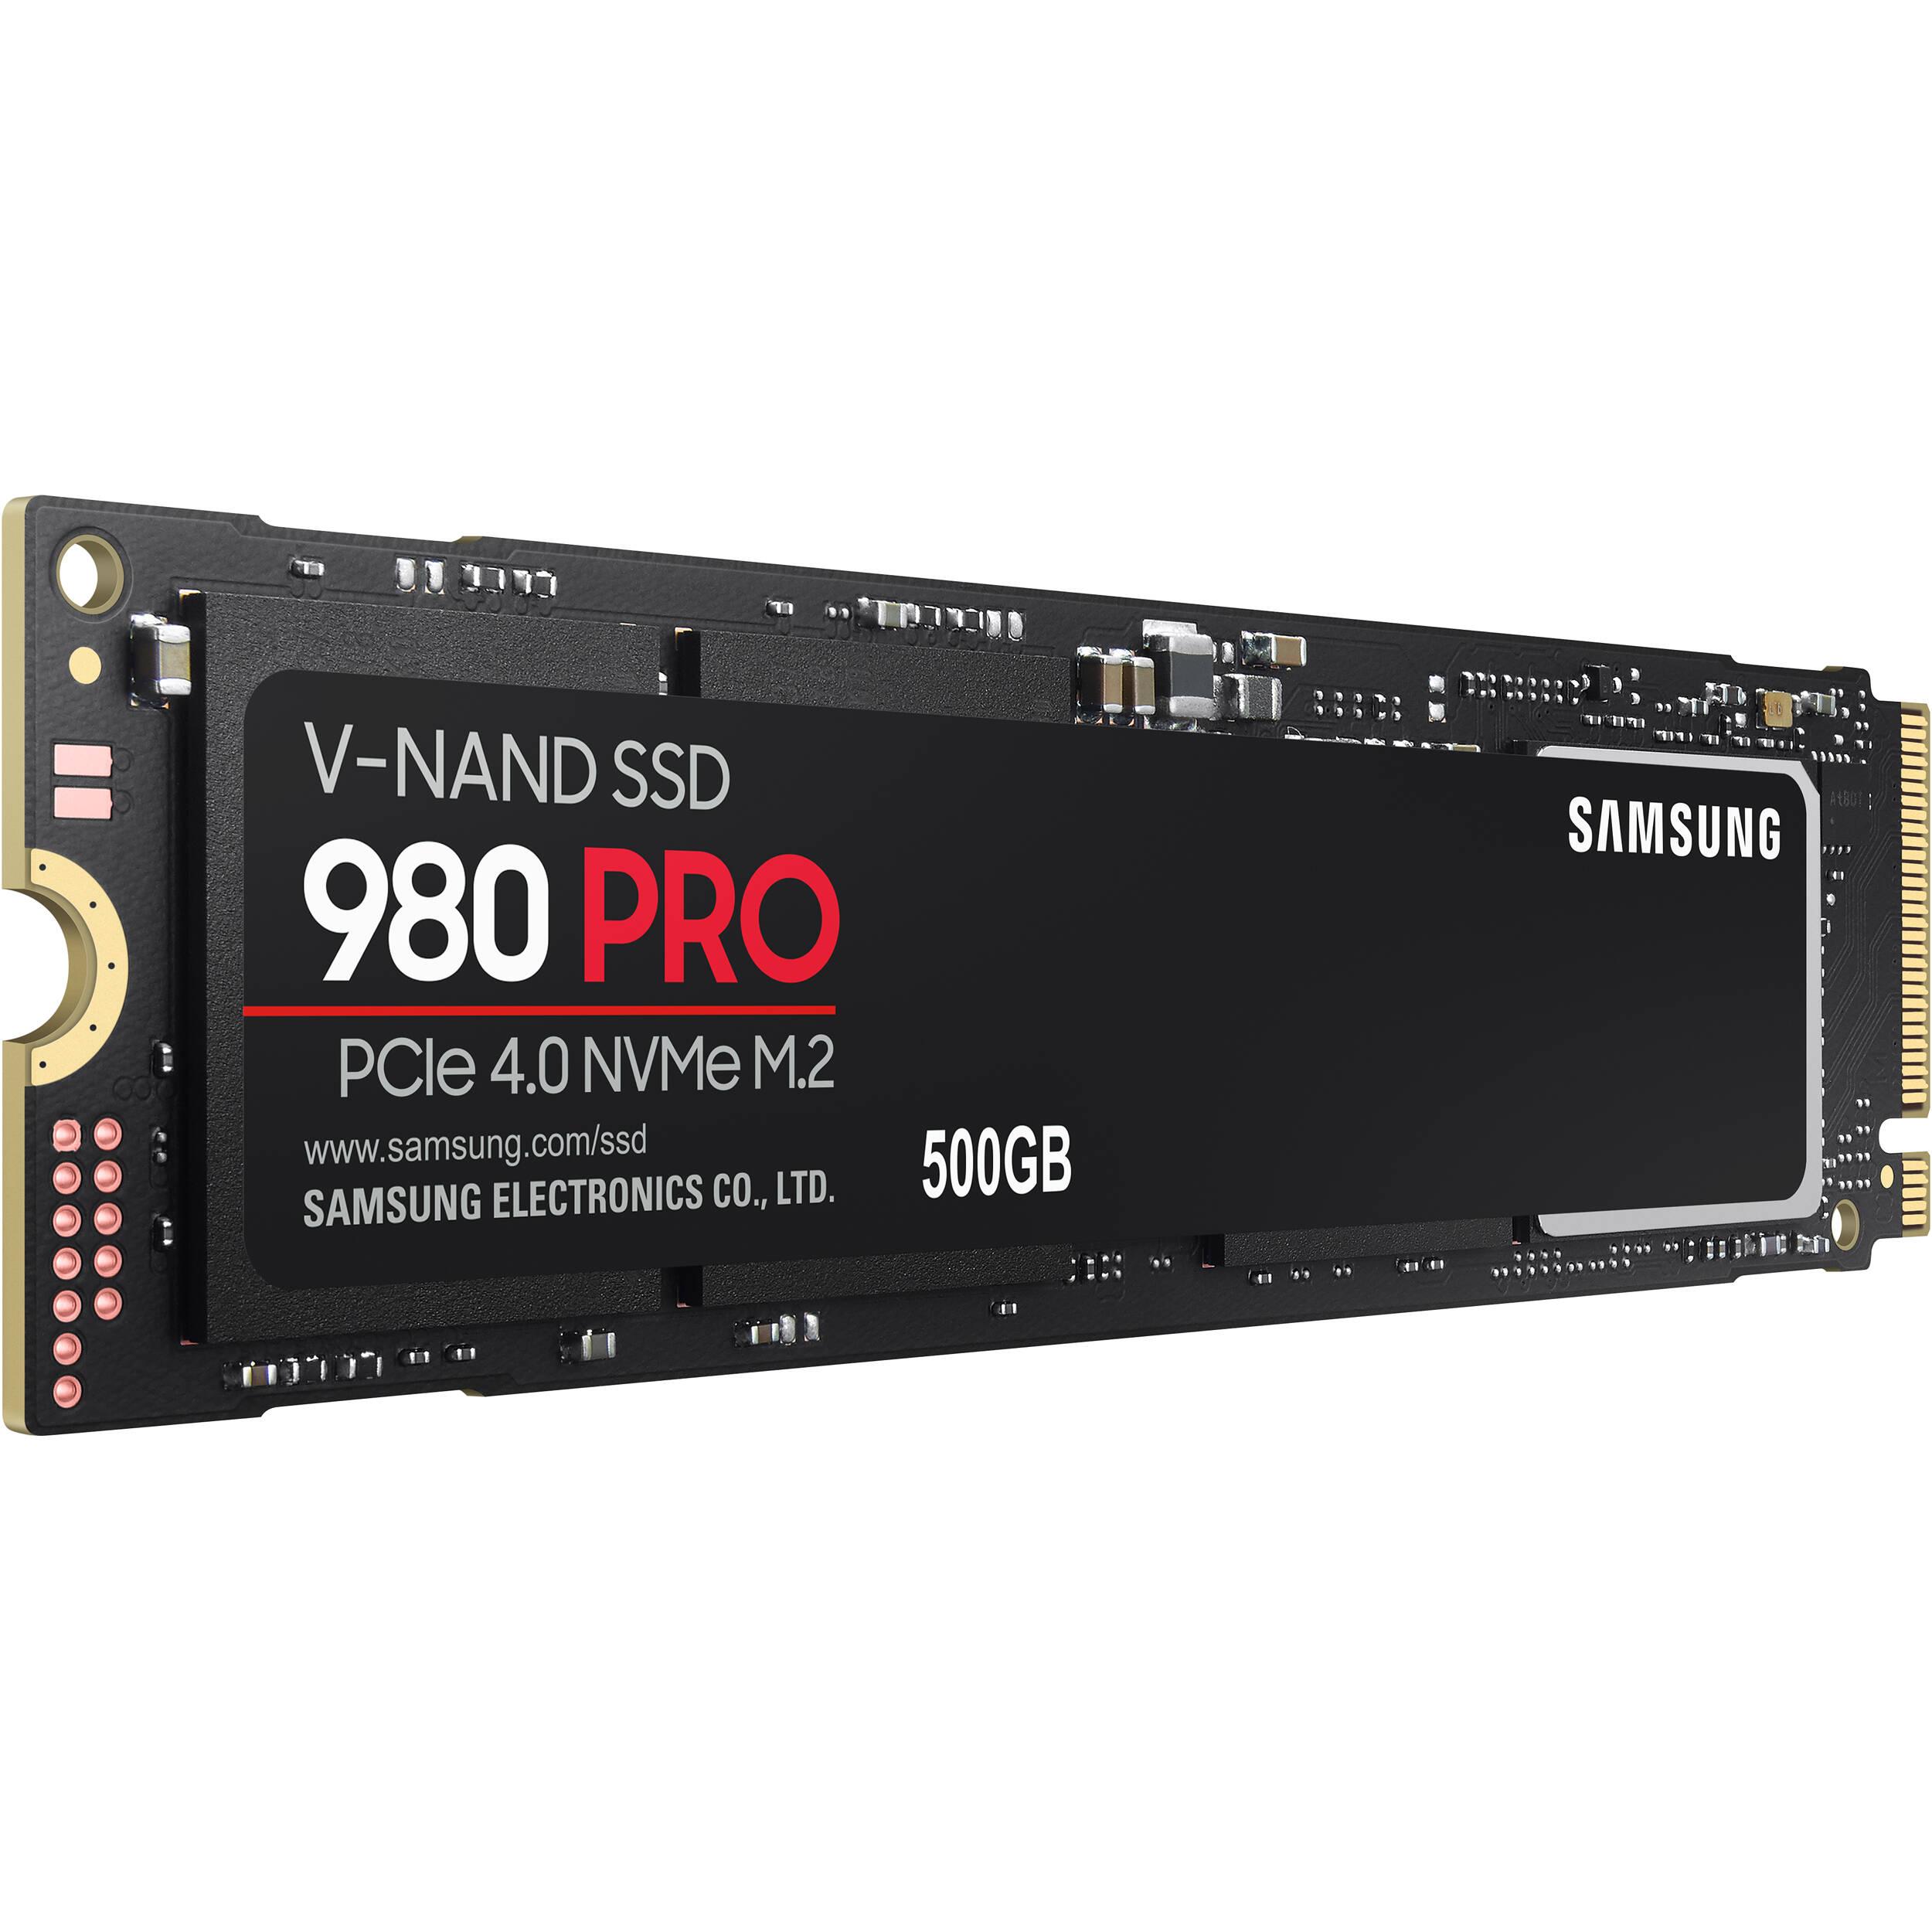 Ổ cứng SSD Samsung 980 PRO PCIe 4.0 NVMe SSD 500GB MZ-V8P500BW - Hàng Chính Hãng